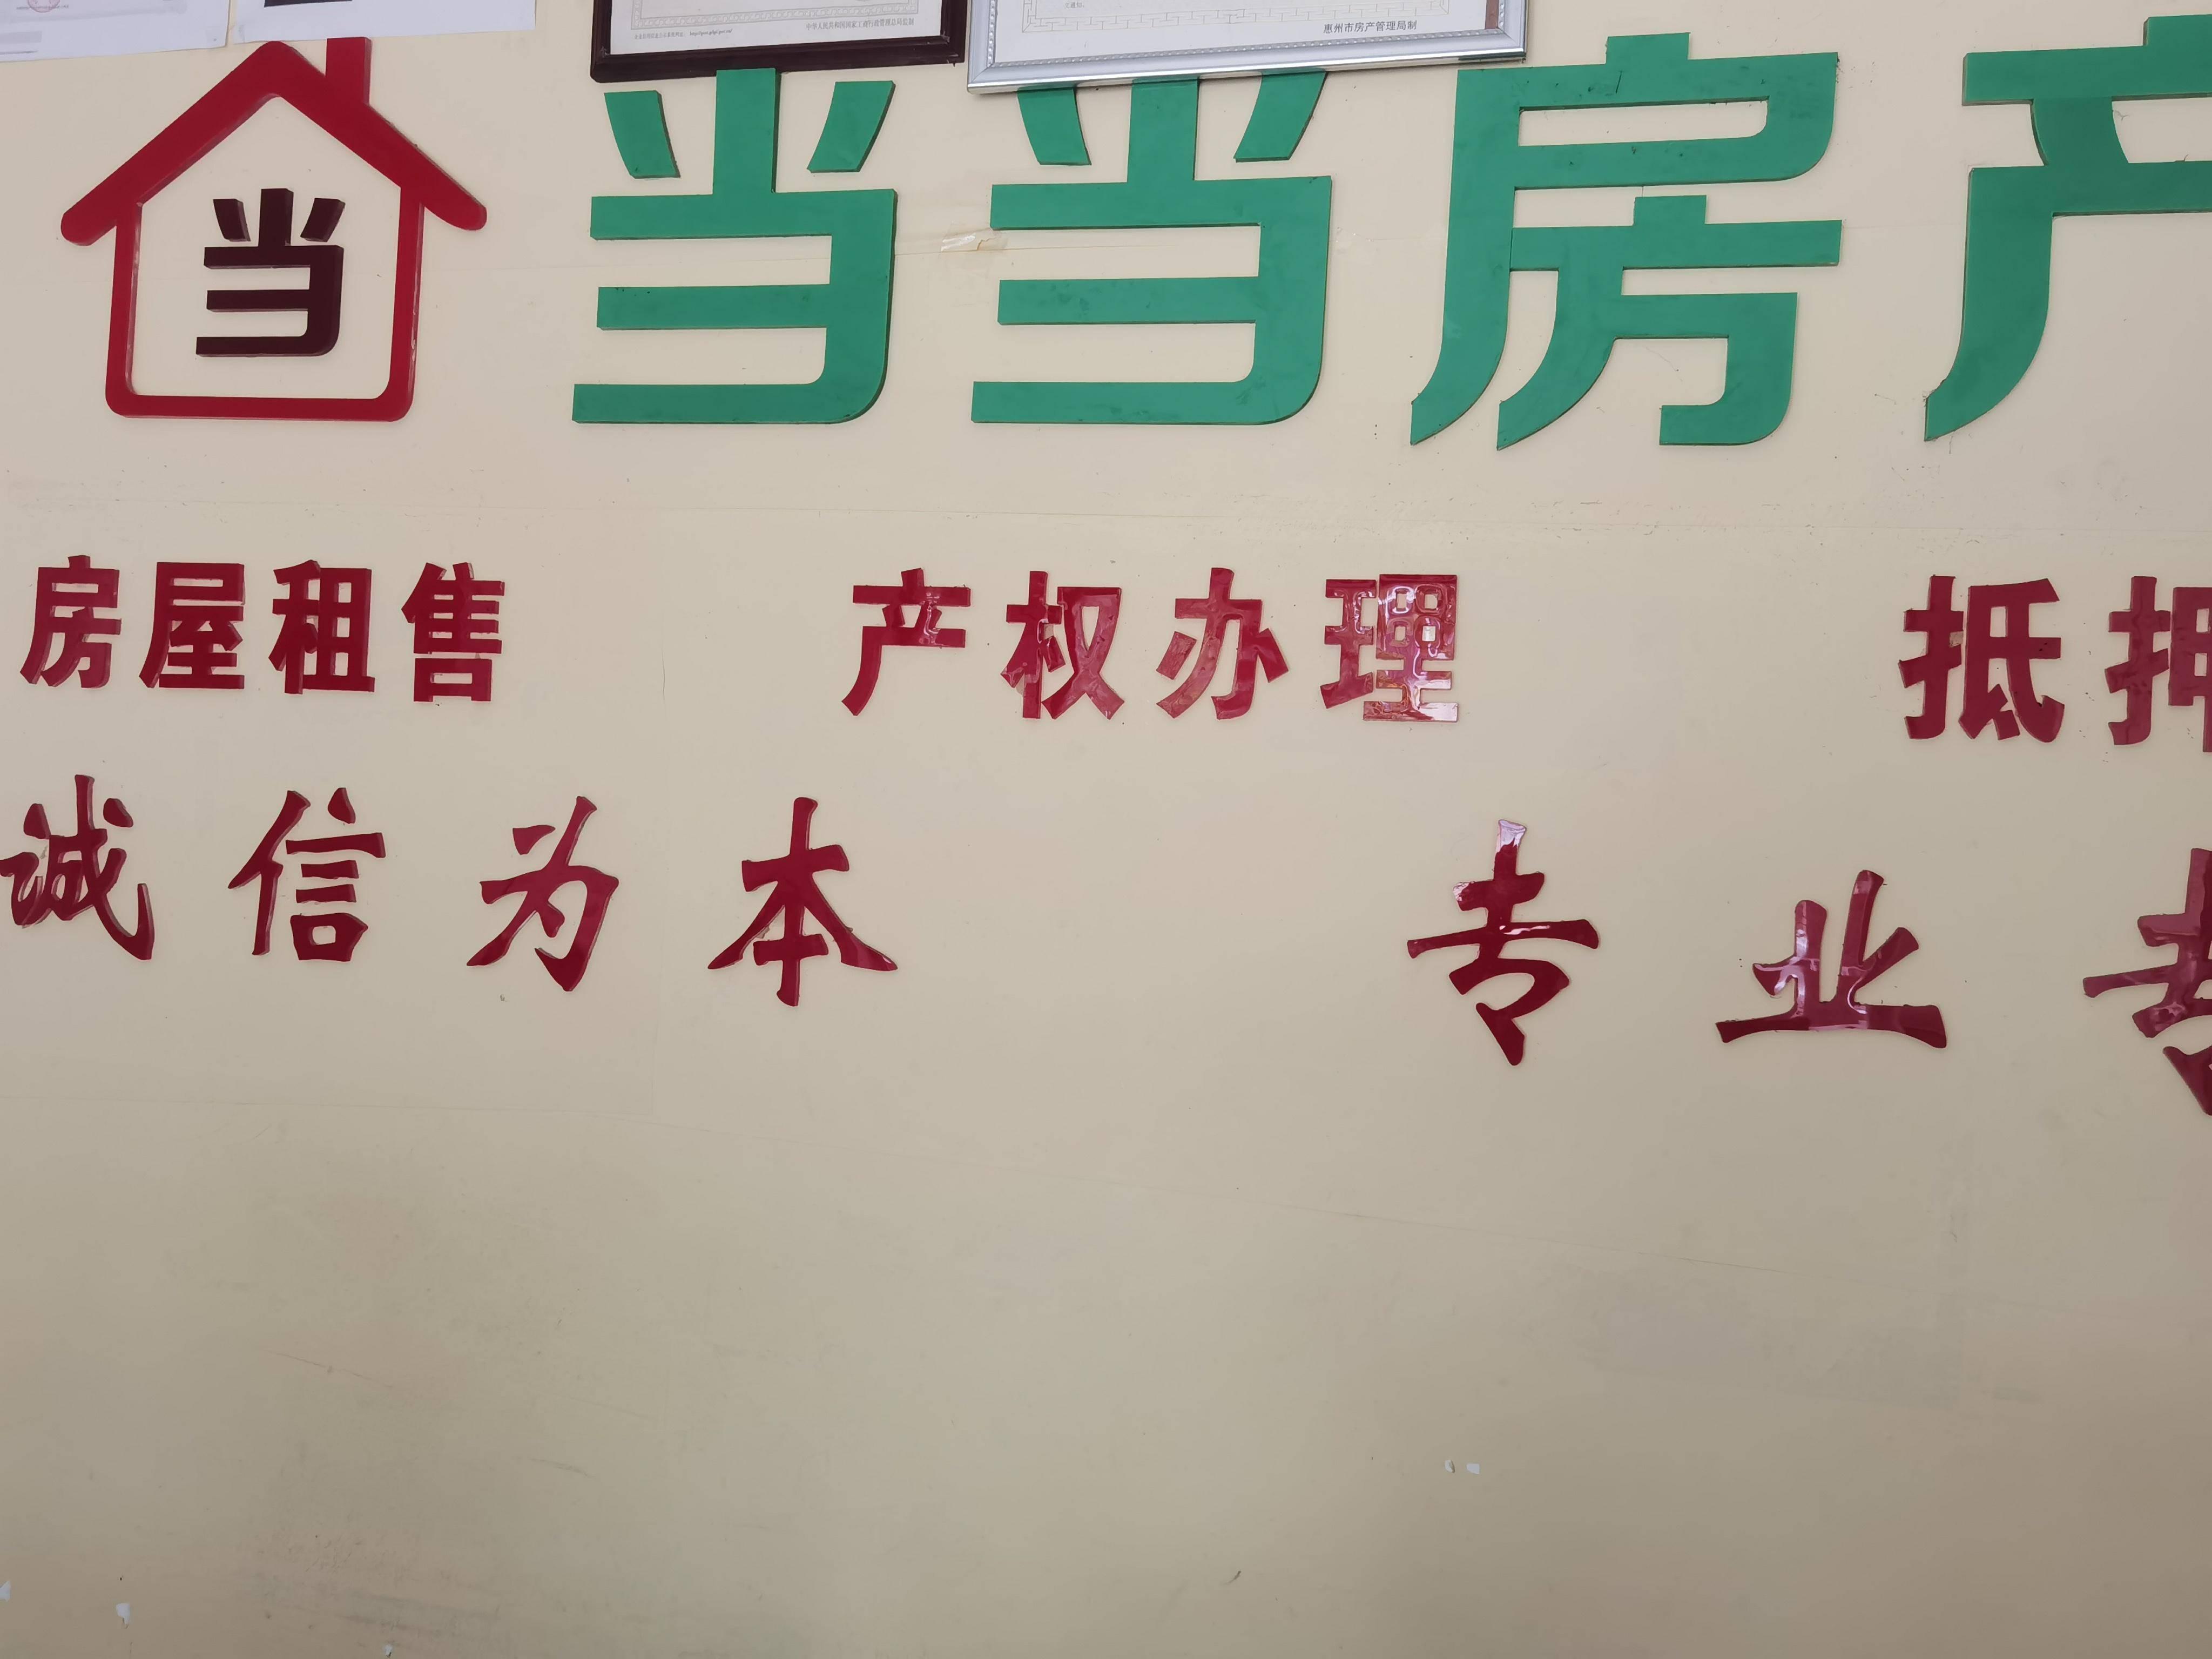 惠州市当当房产经纪有限公司